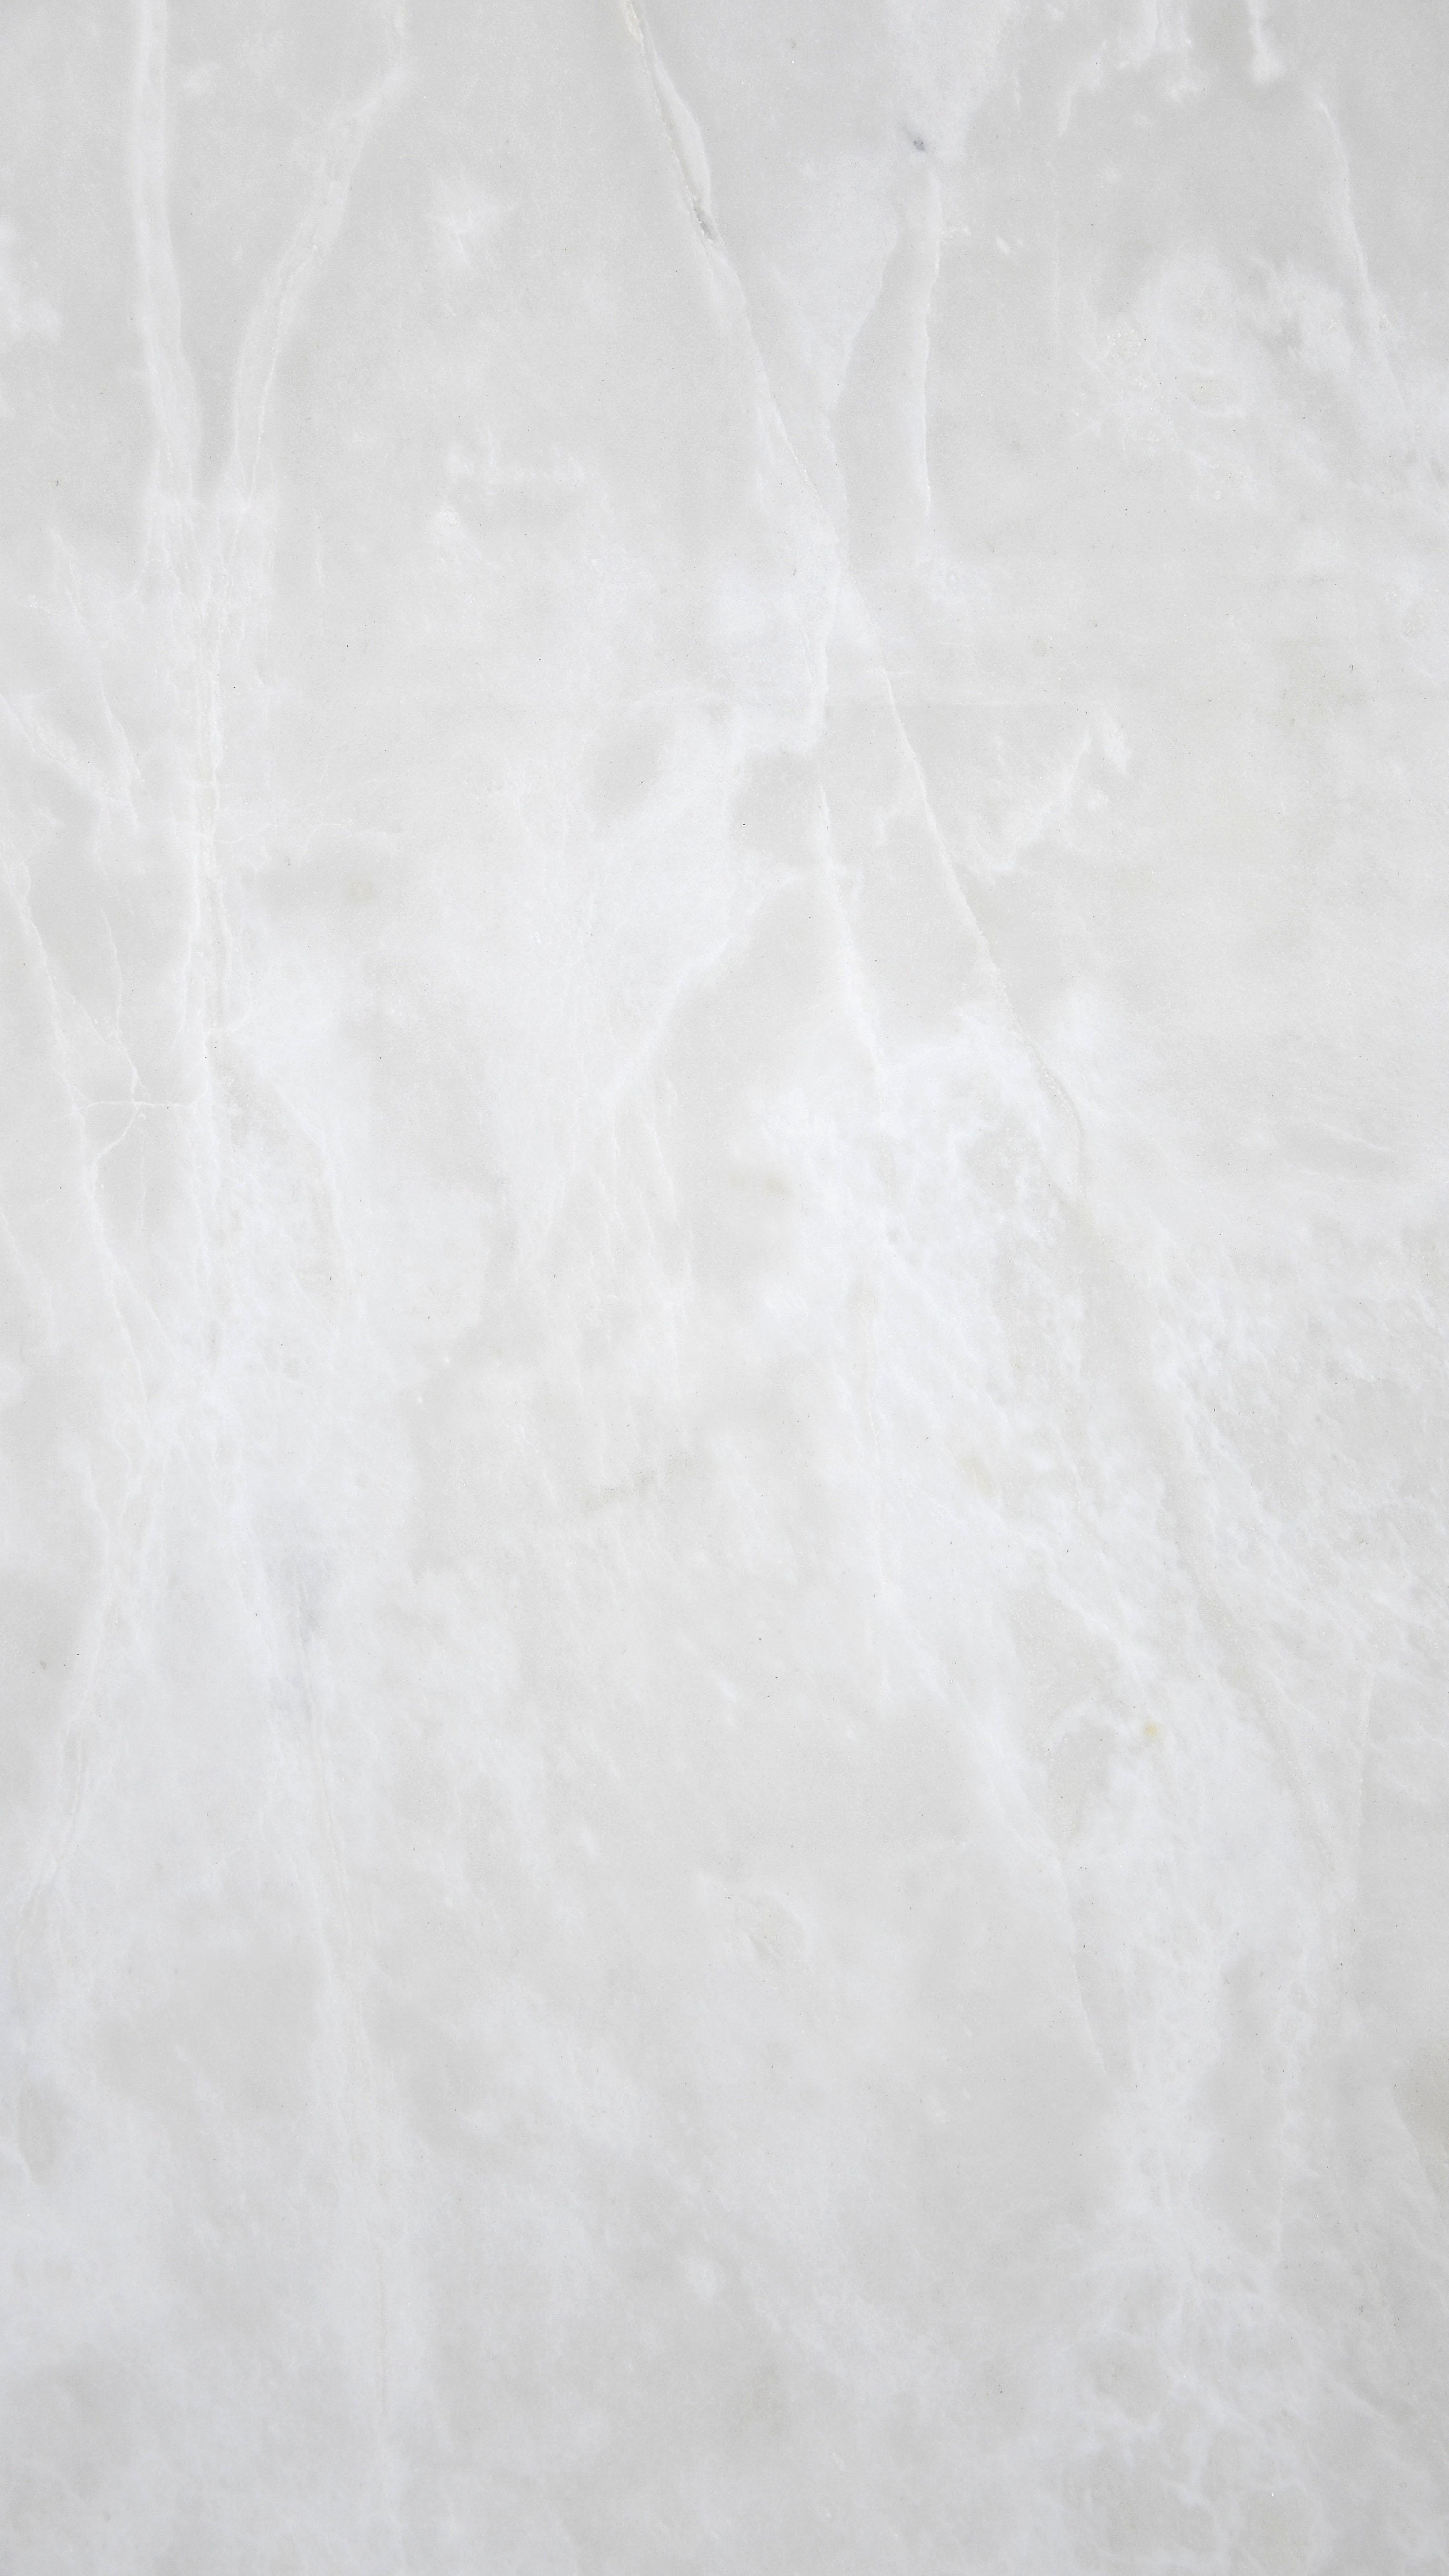 PRECIOUS WHITE